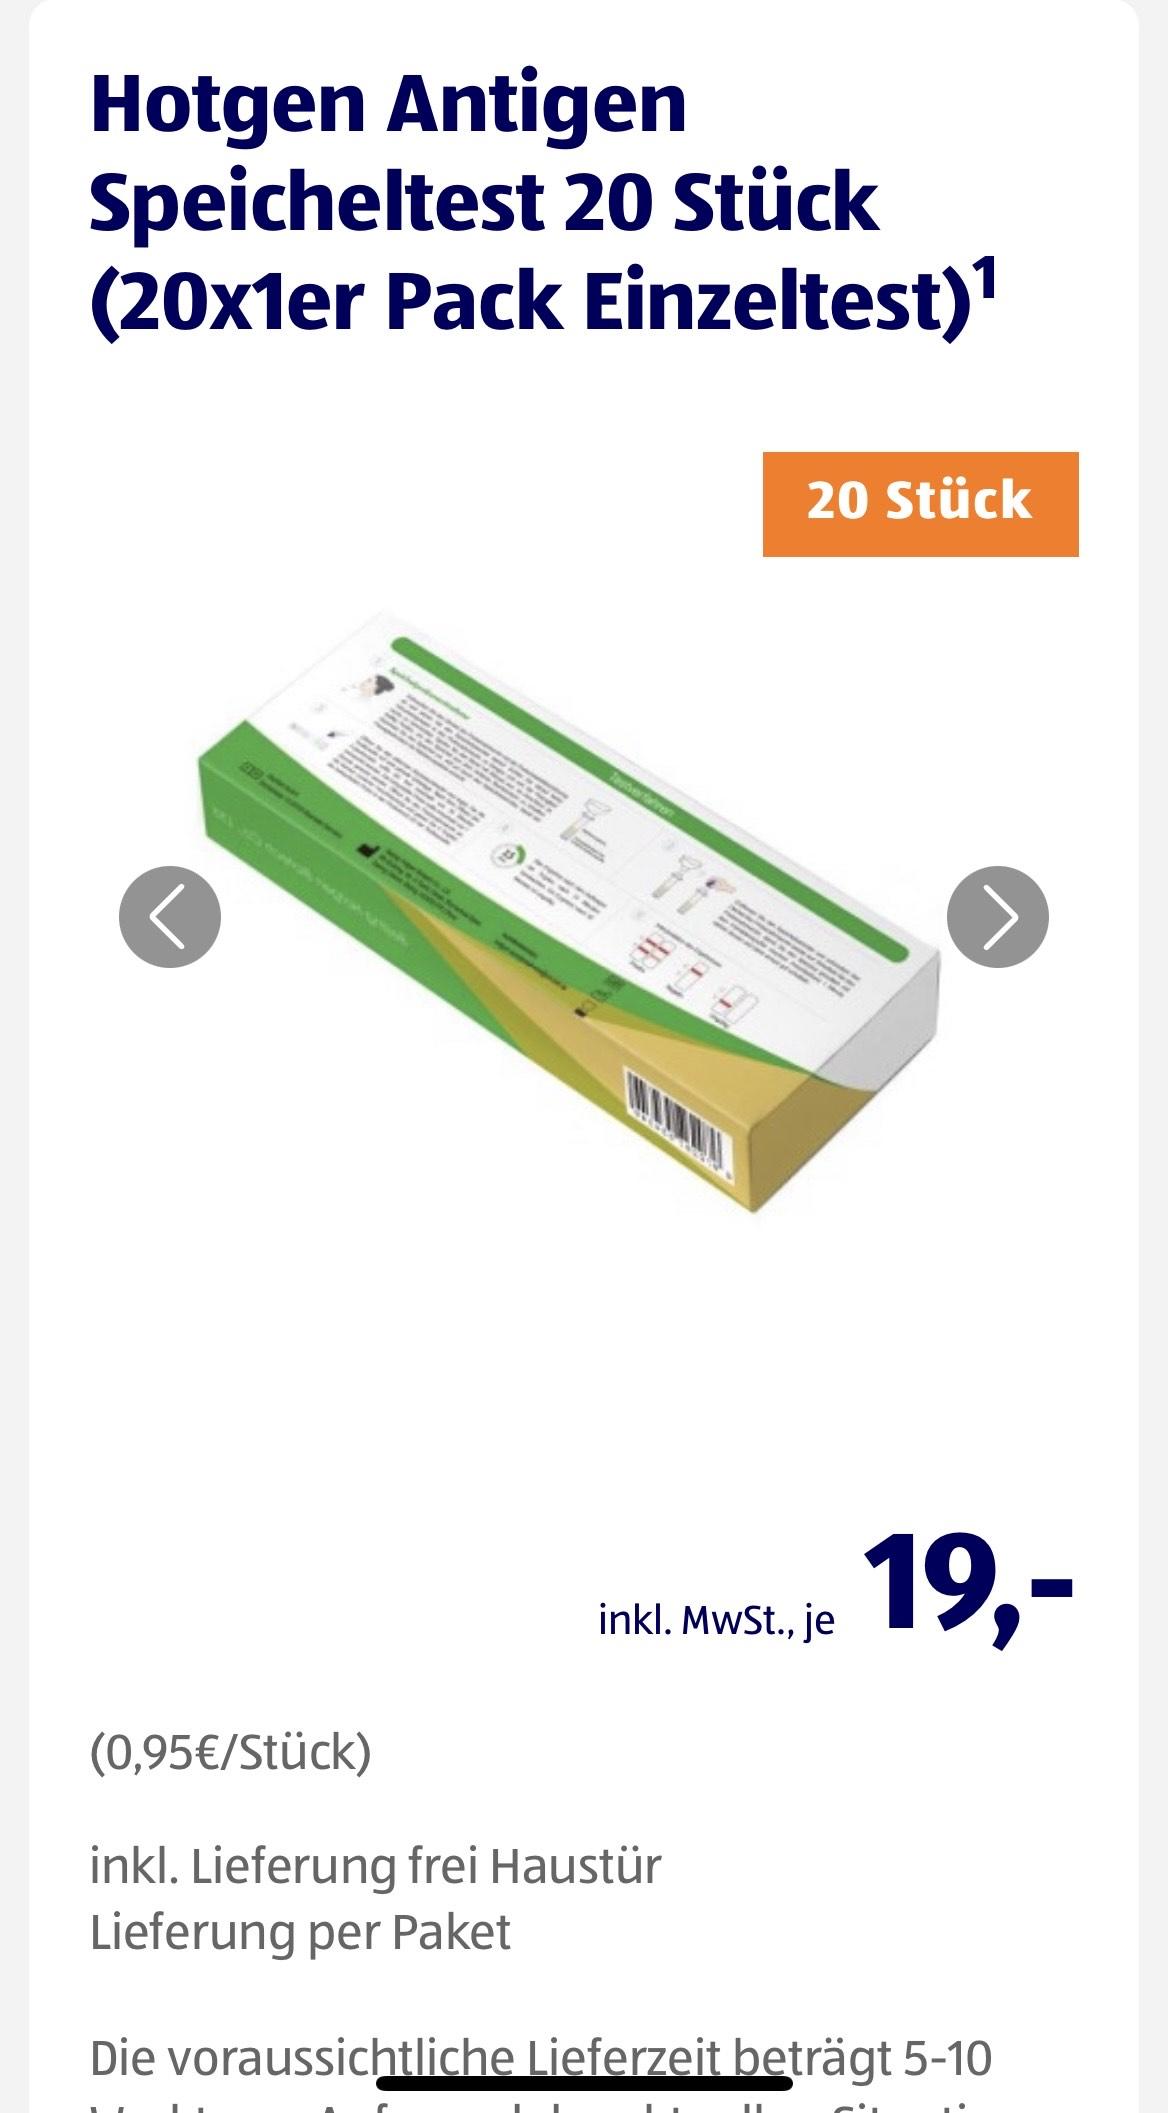 Hotgen Antigen Speicheltest / Spucktest 20 Stück (0,95 € / St.)